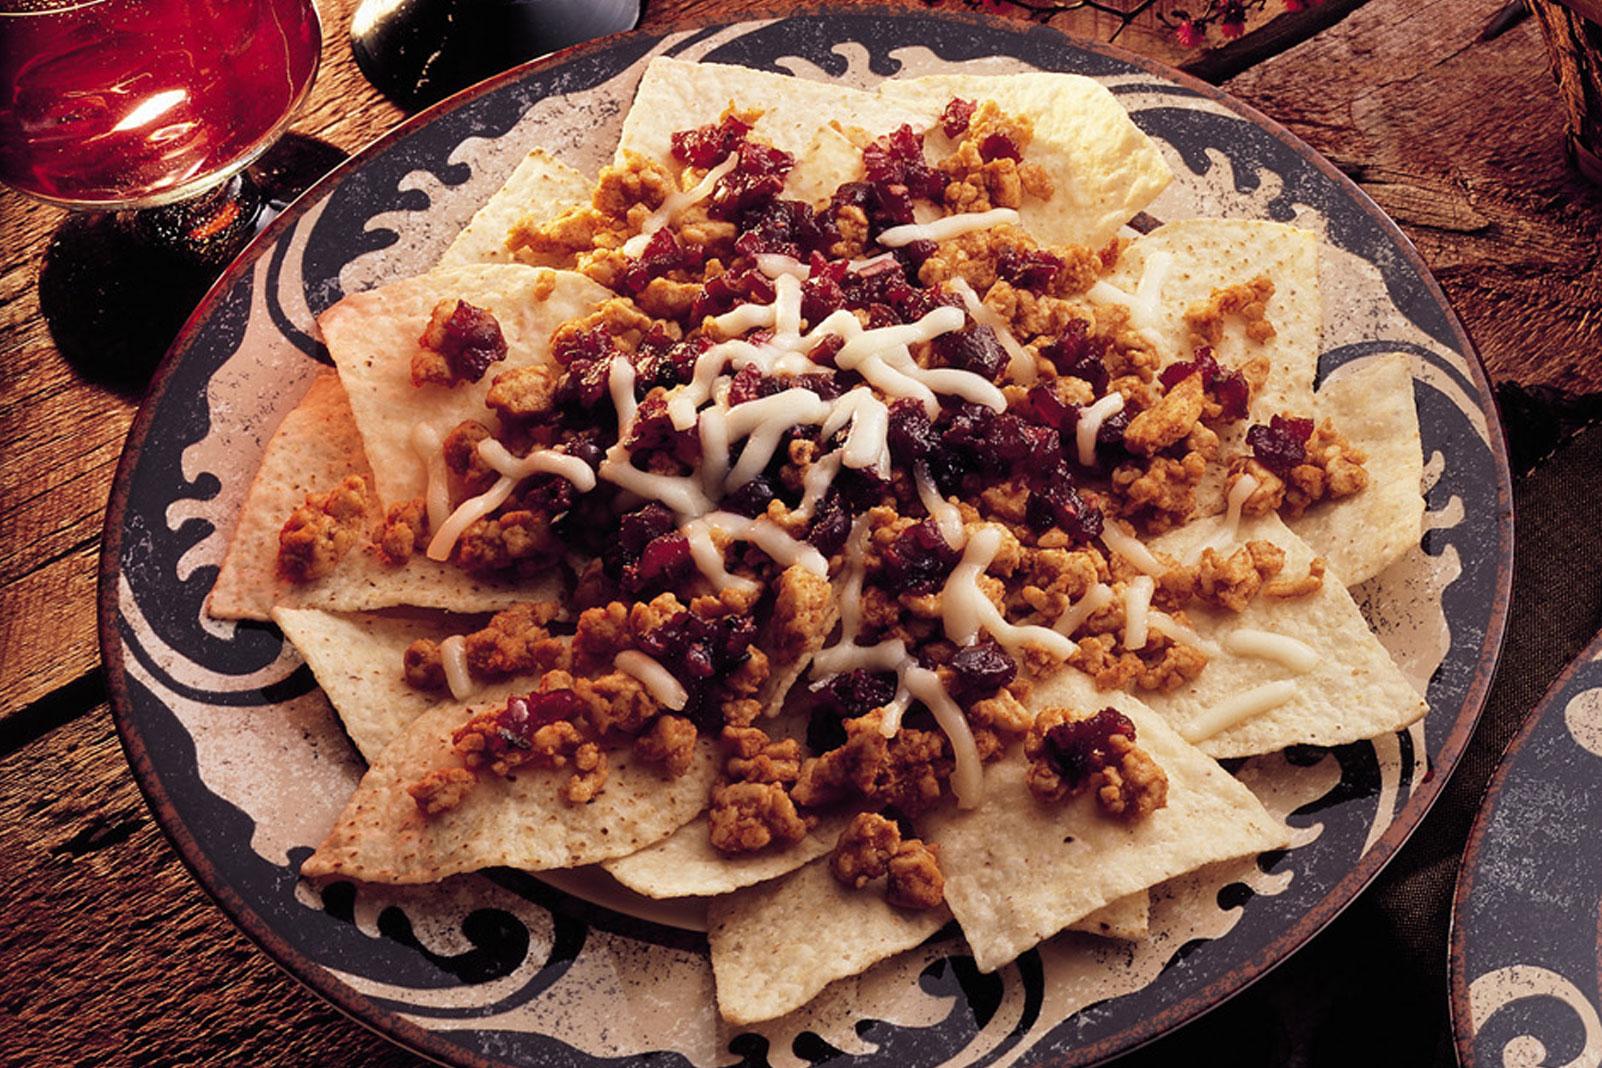 Southwestern Chicken Nachos